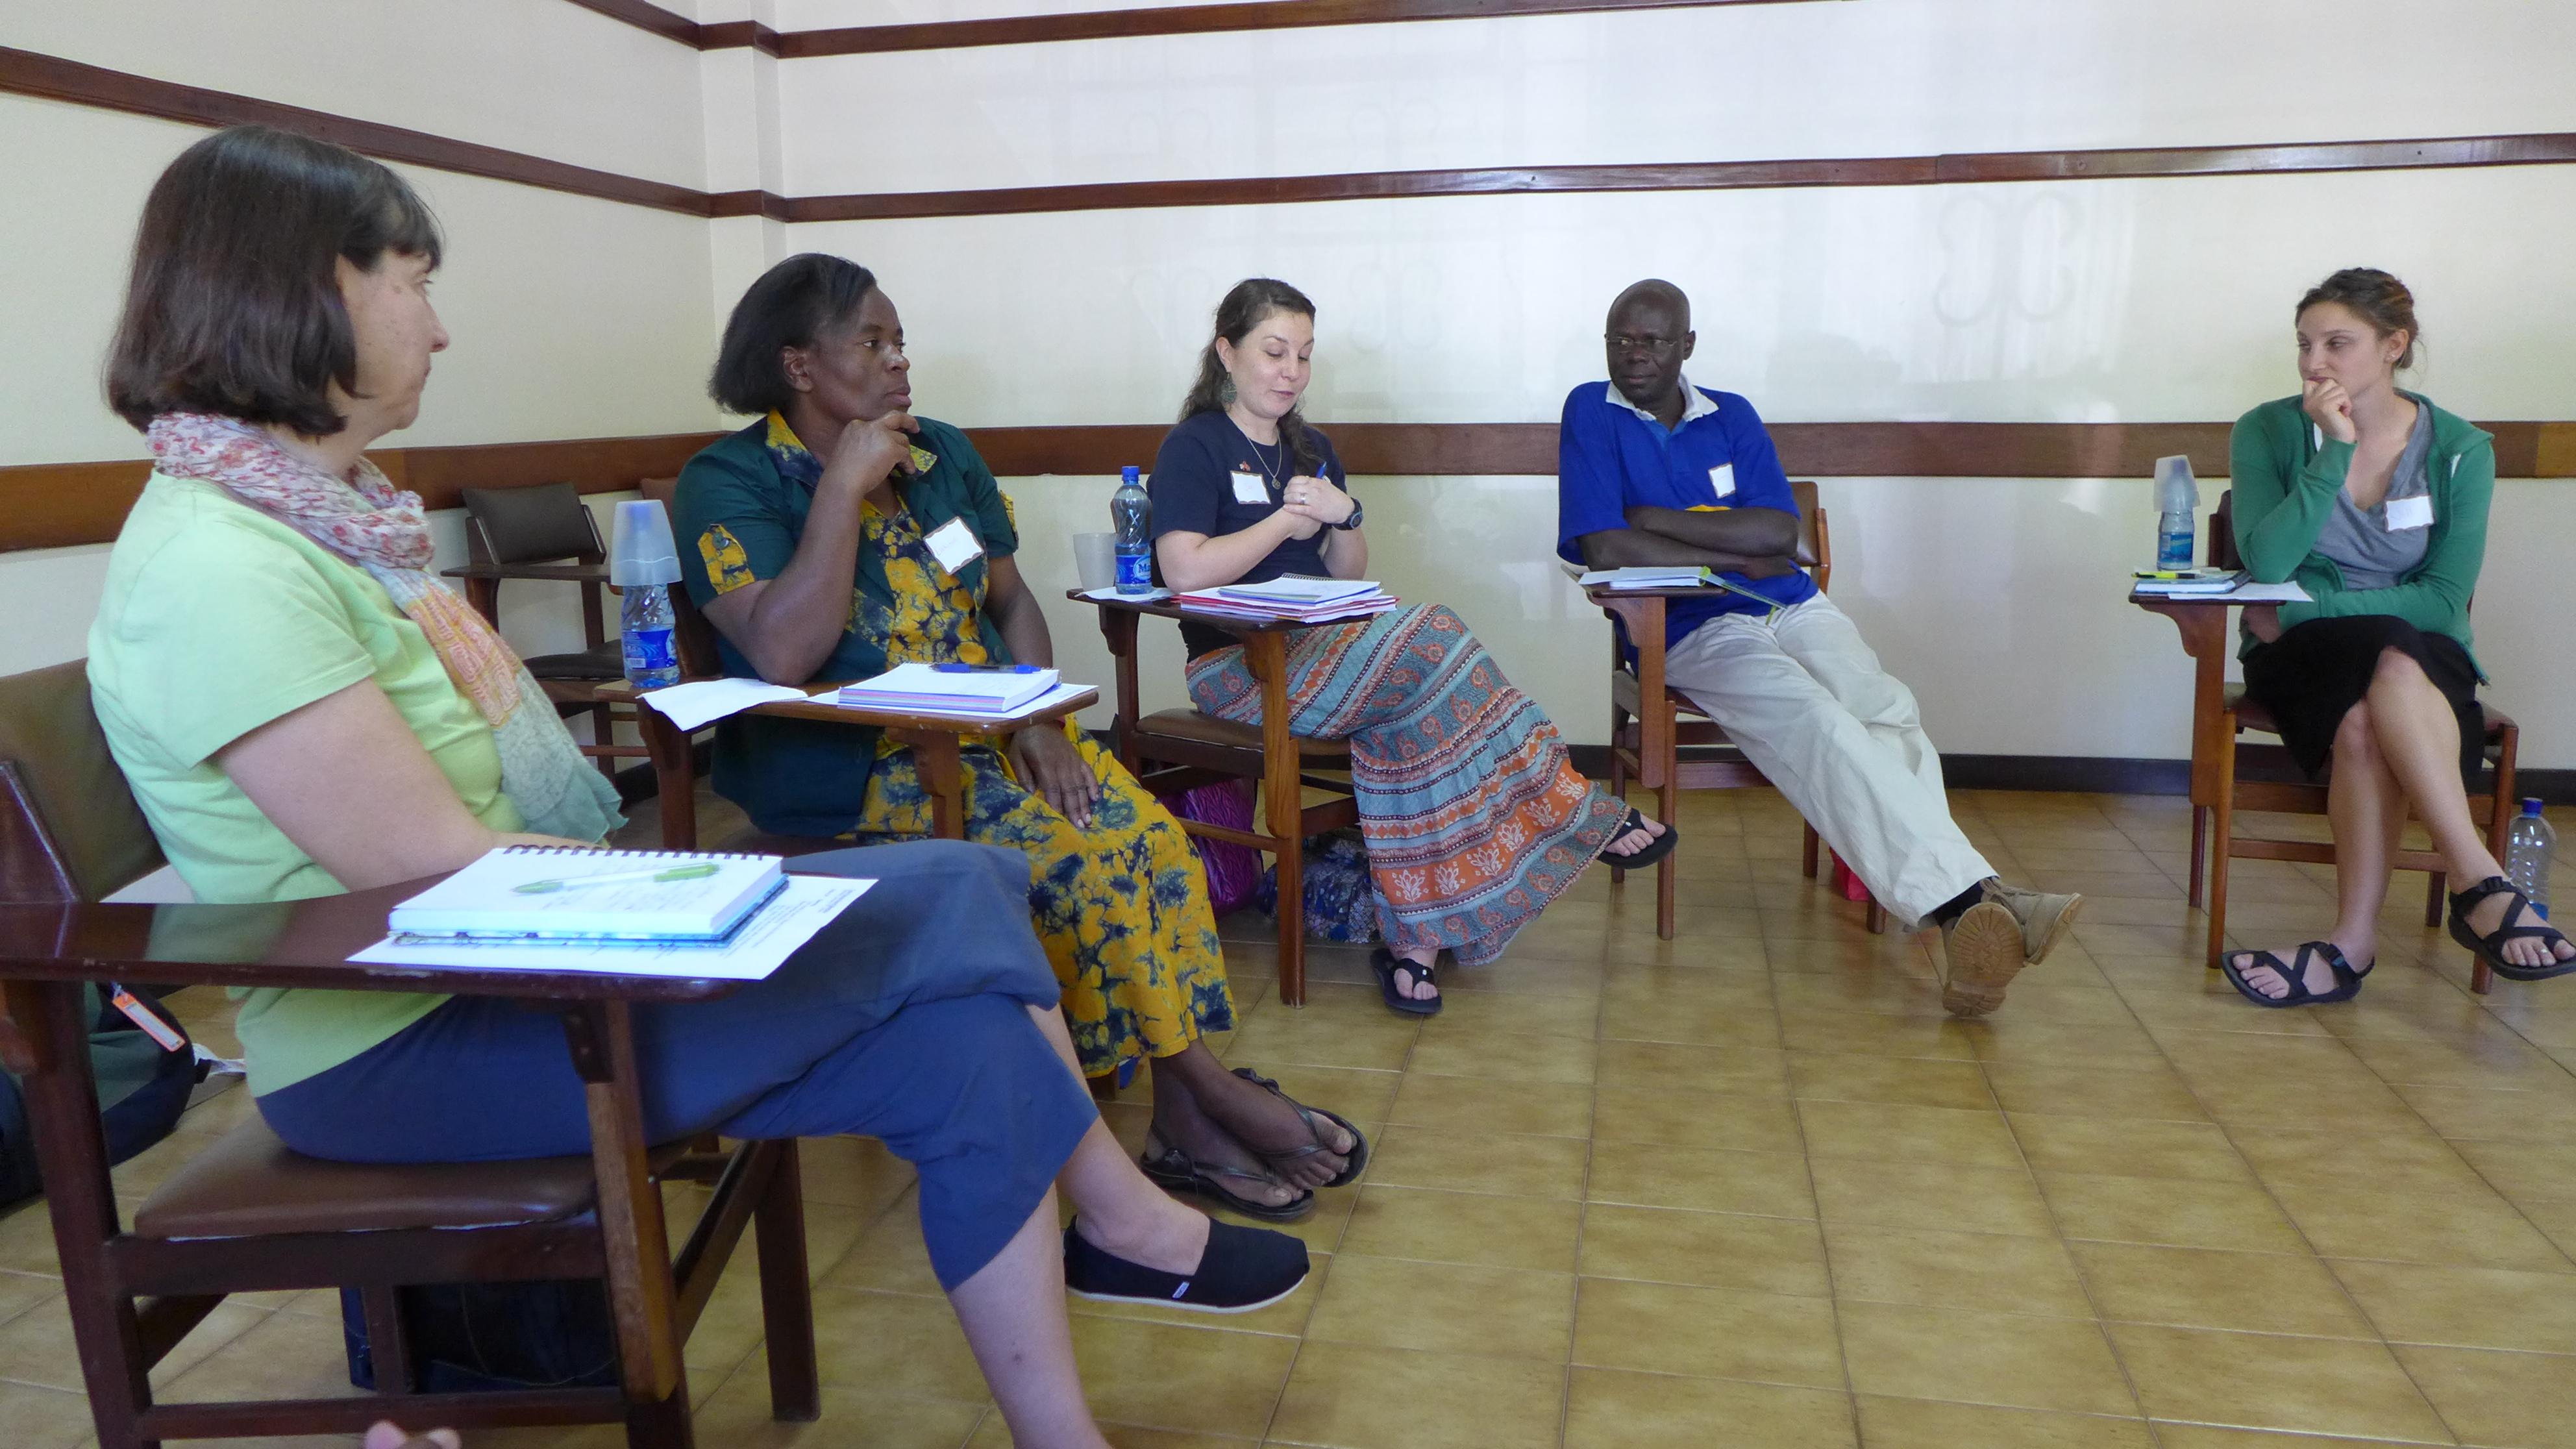 Tuko Pamoja Board Meeting